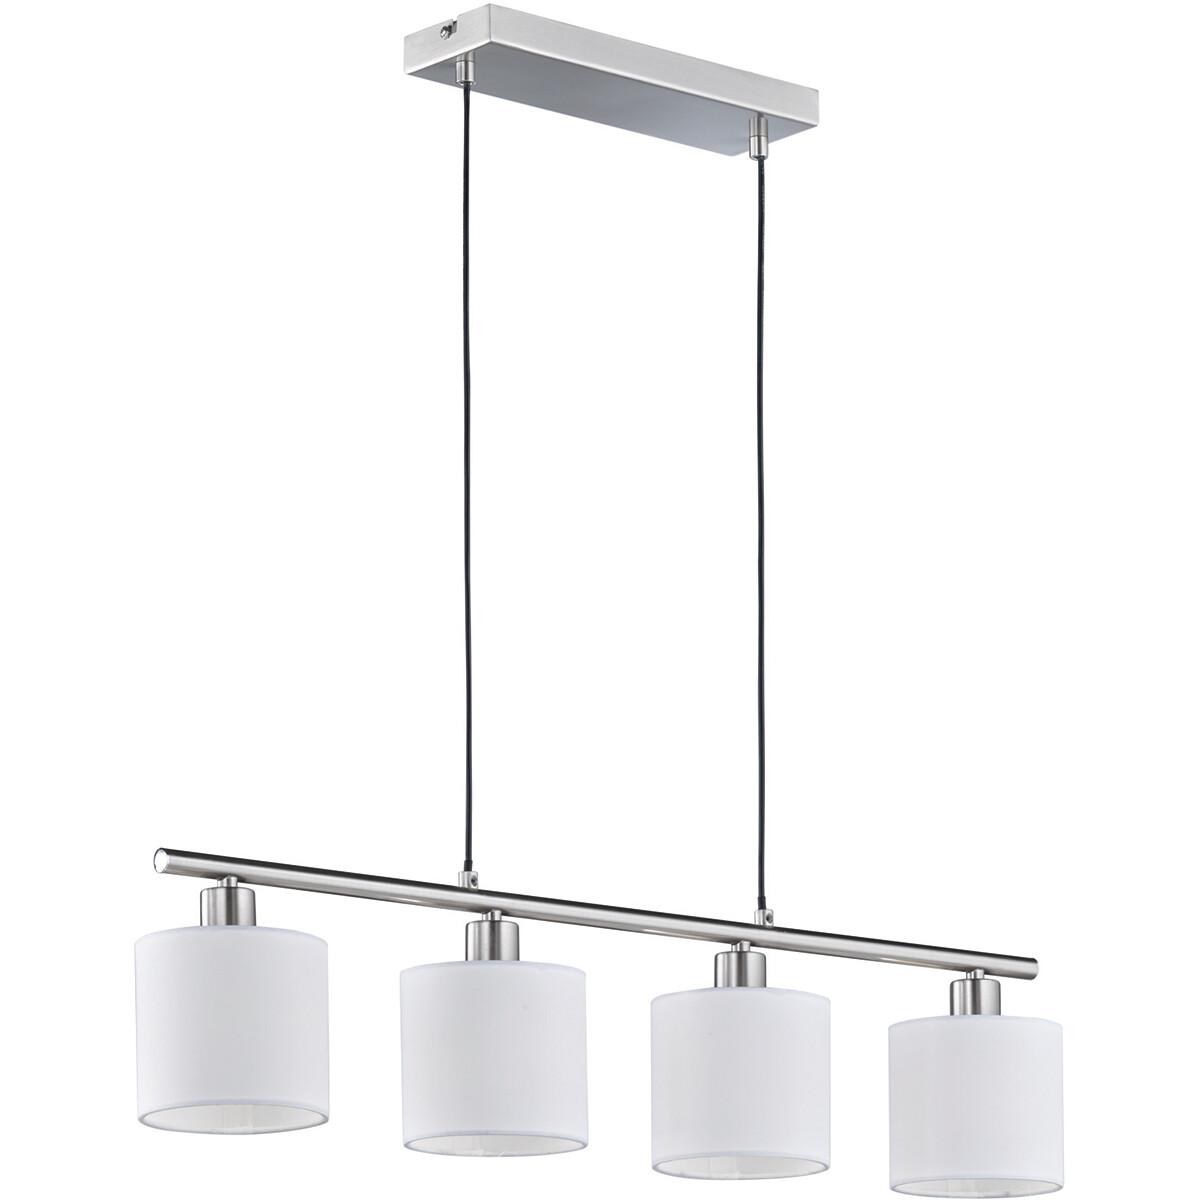 LED Hanglamp - Trion Torry - E14 Fitting - Rechthoek - Mat Nikkel - Aluminium